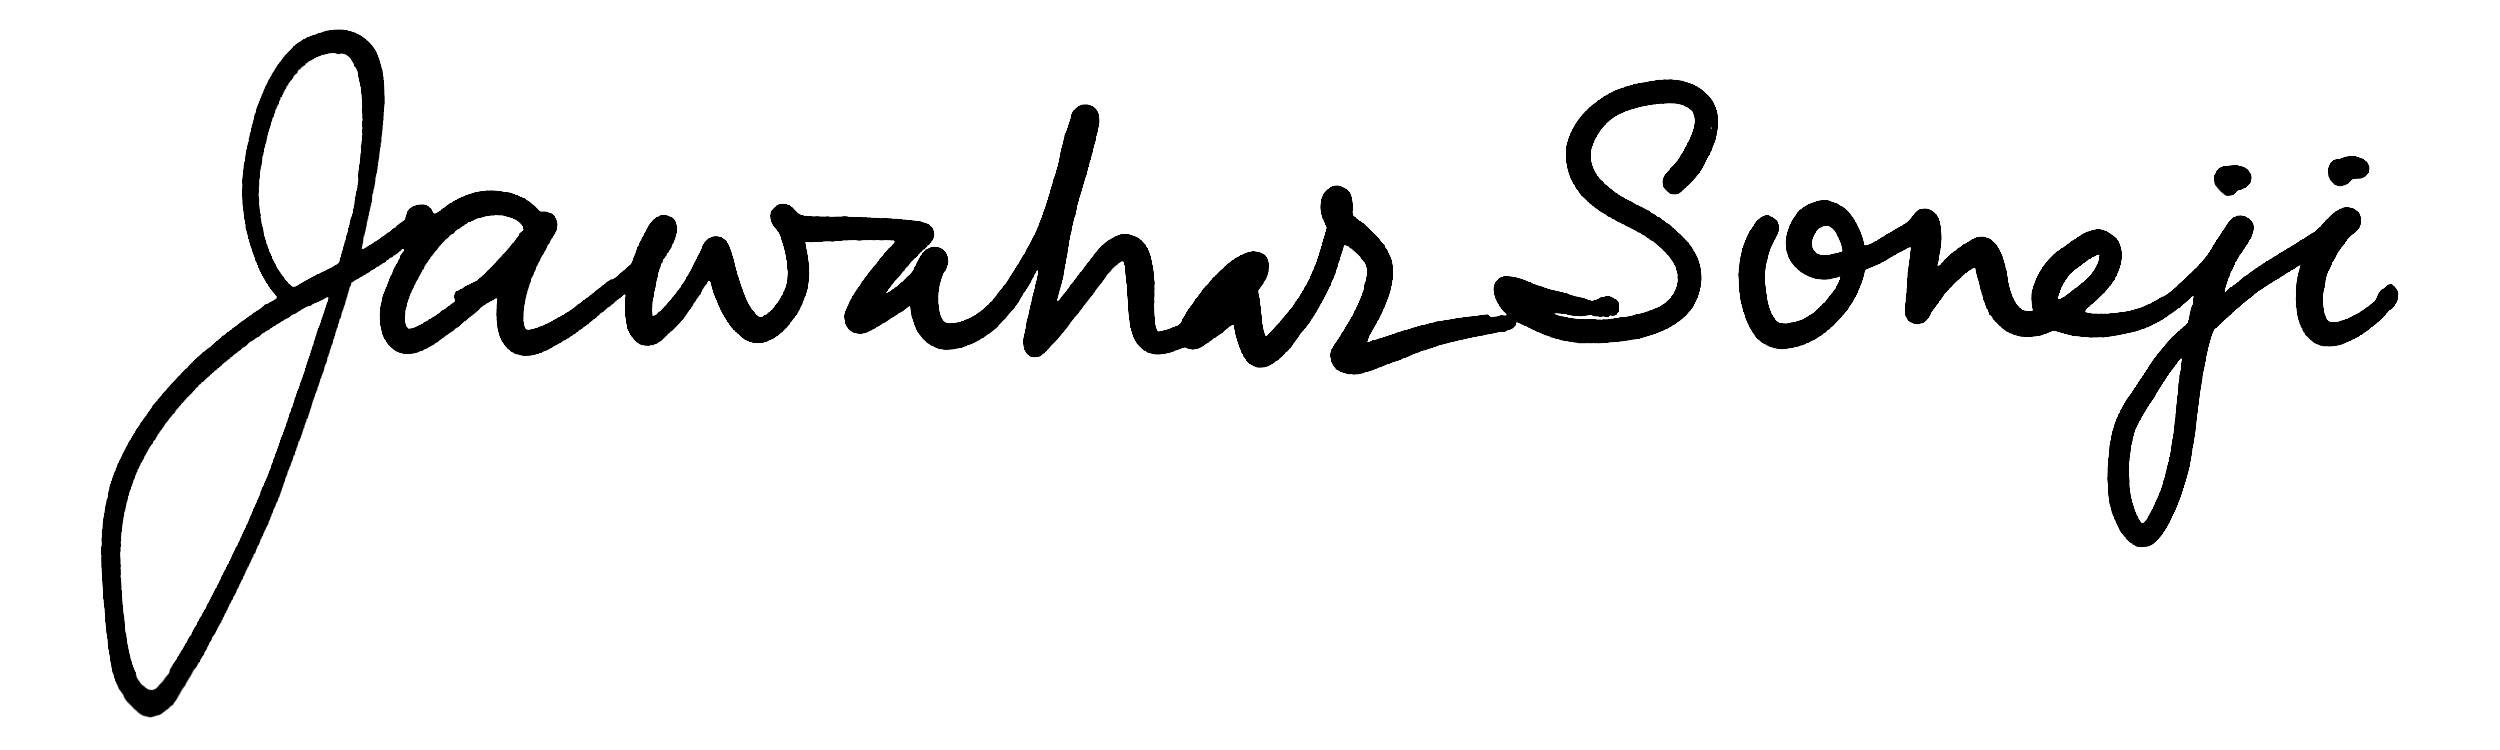 Jawahar Soneji's Signature